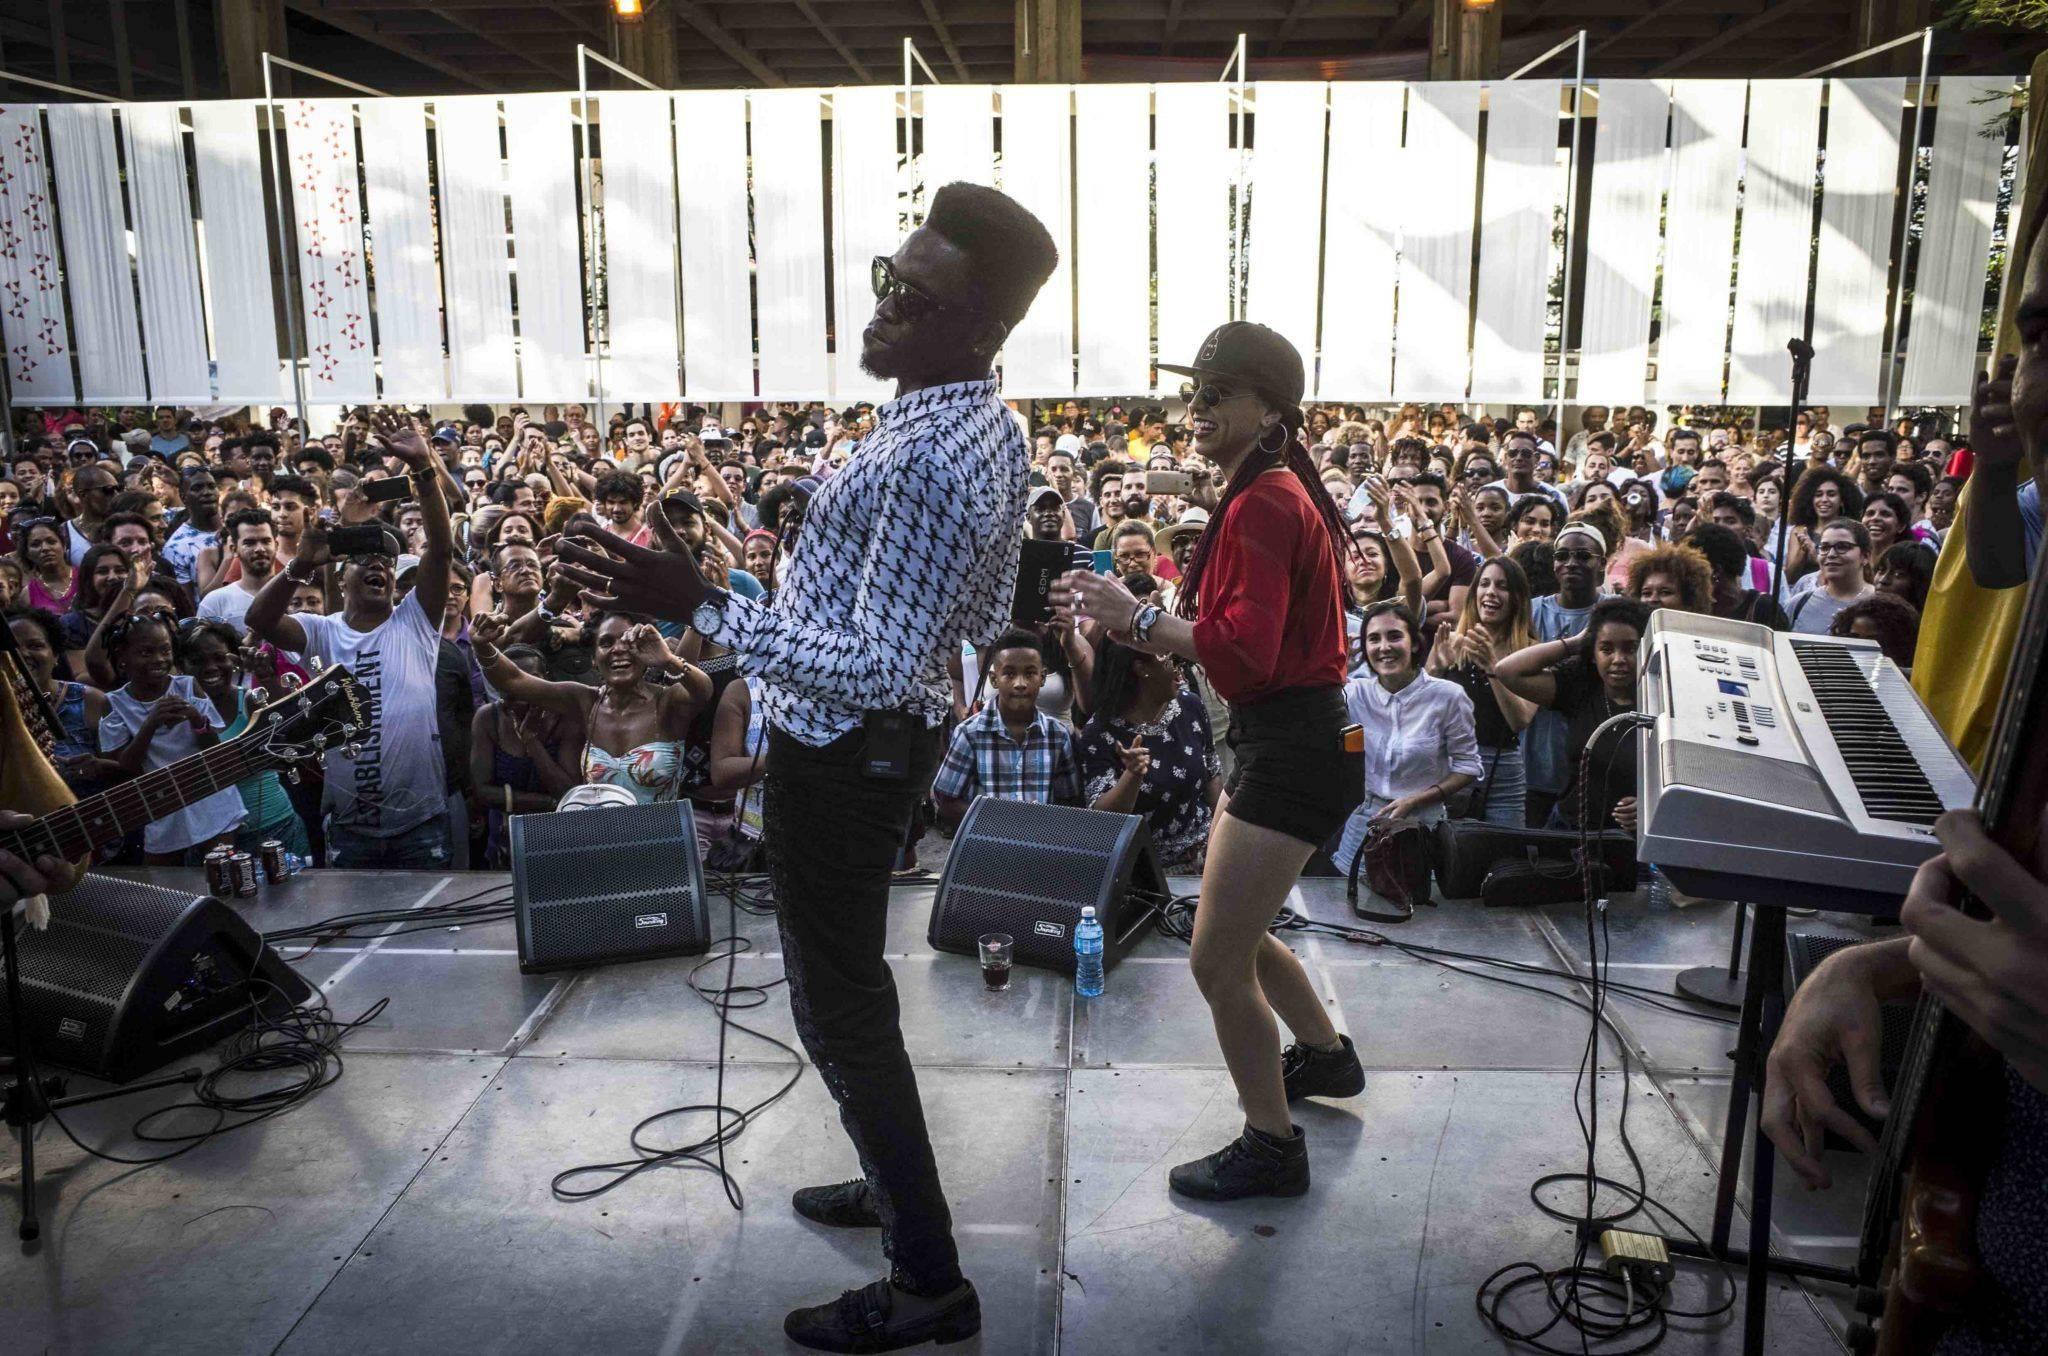 Cimafunk concert at the Cuba Pavilion, Havana. Photo: Marie Aureille.